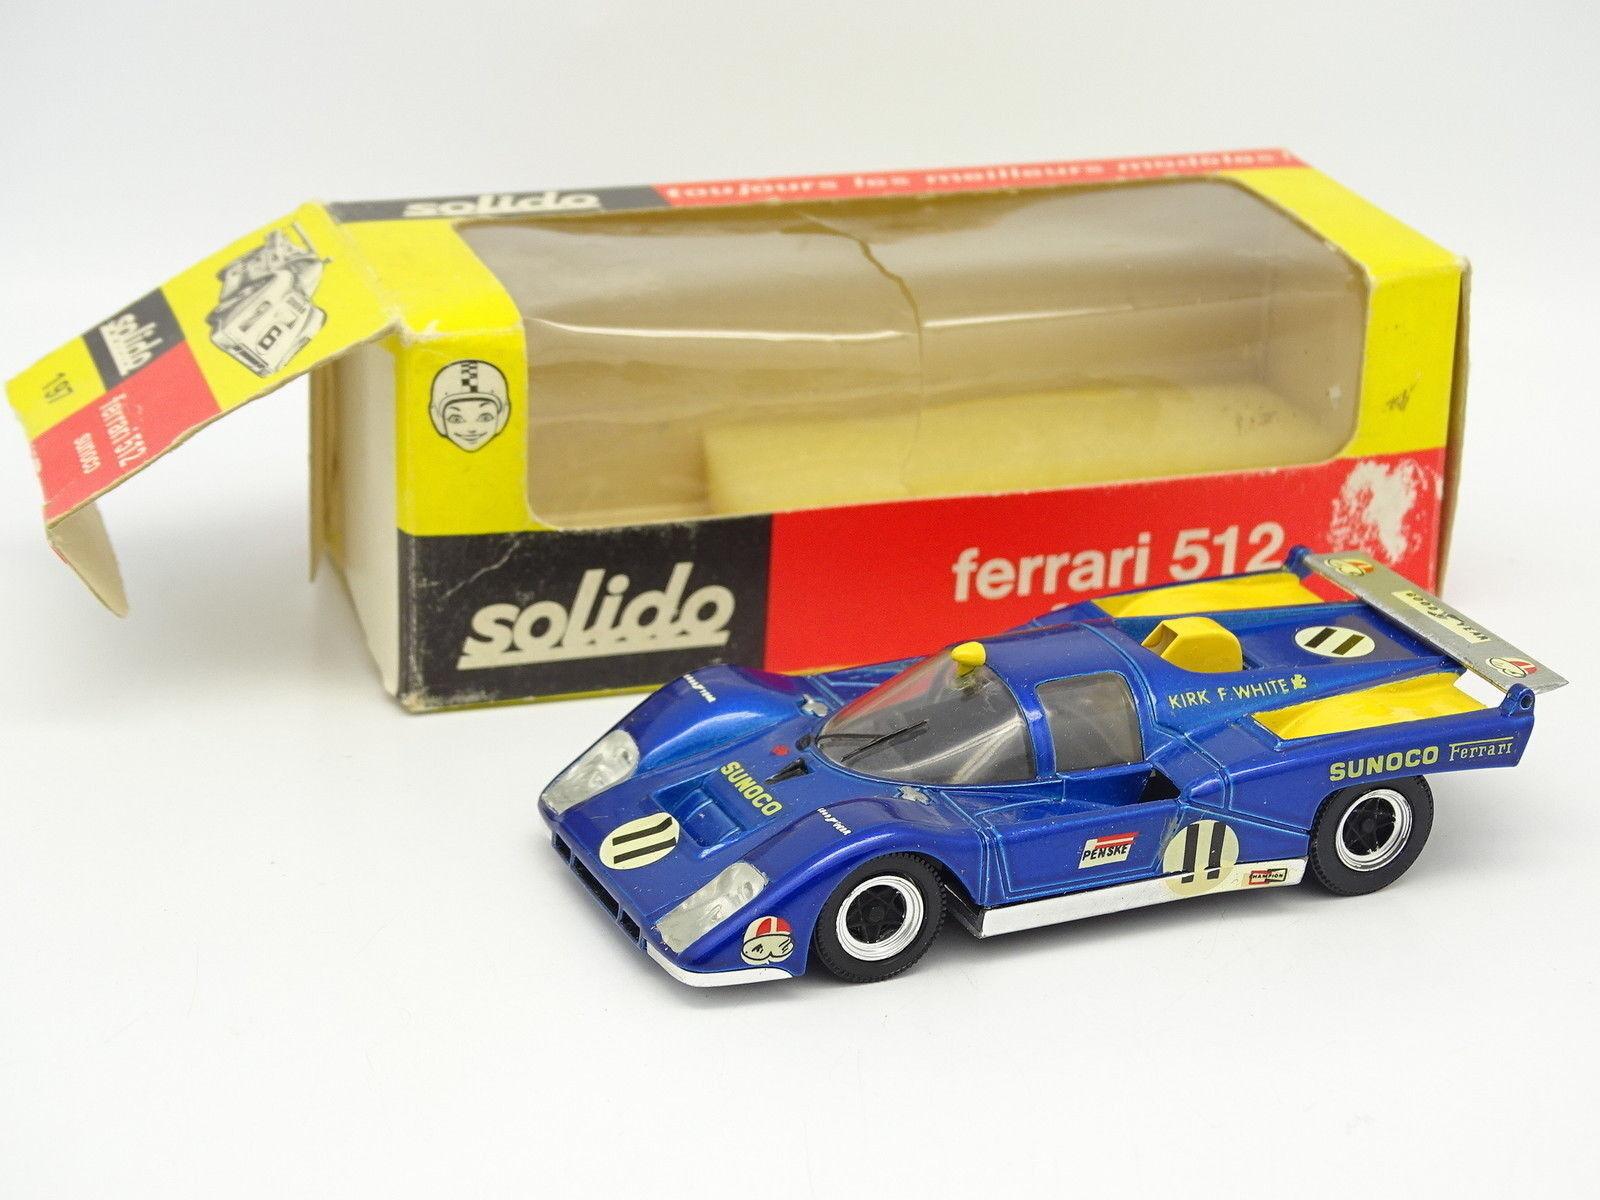 Solido 1 43 Ferrari 512 Sunoco Le Mans 1971 NR ° 11 Ref. 197